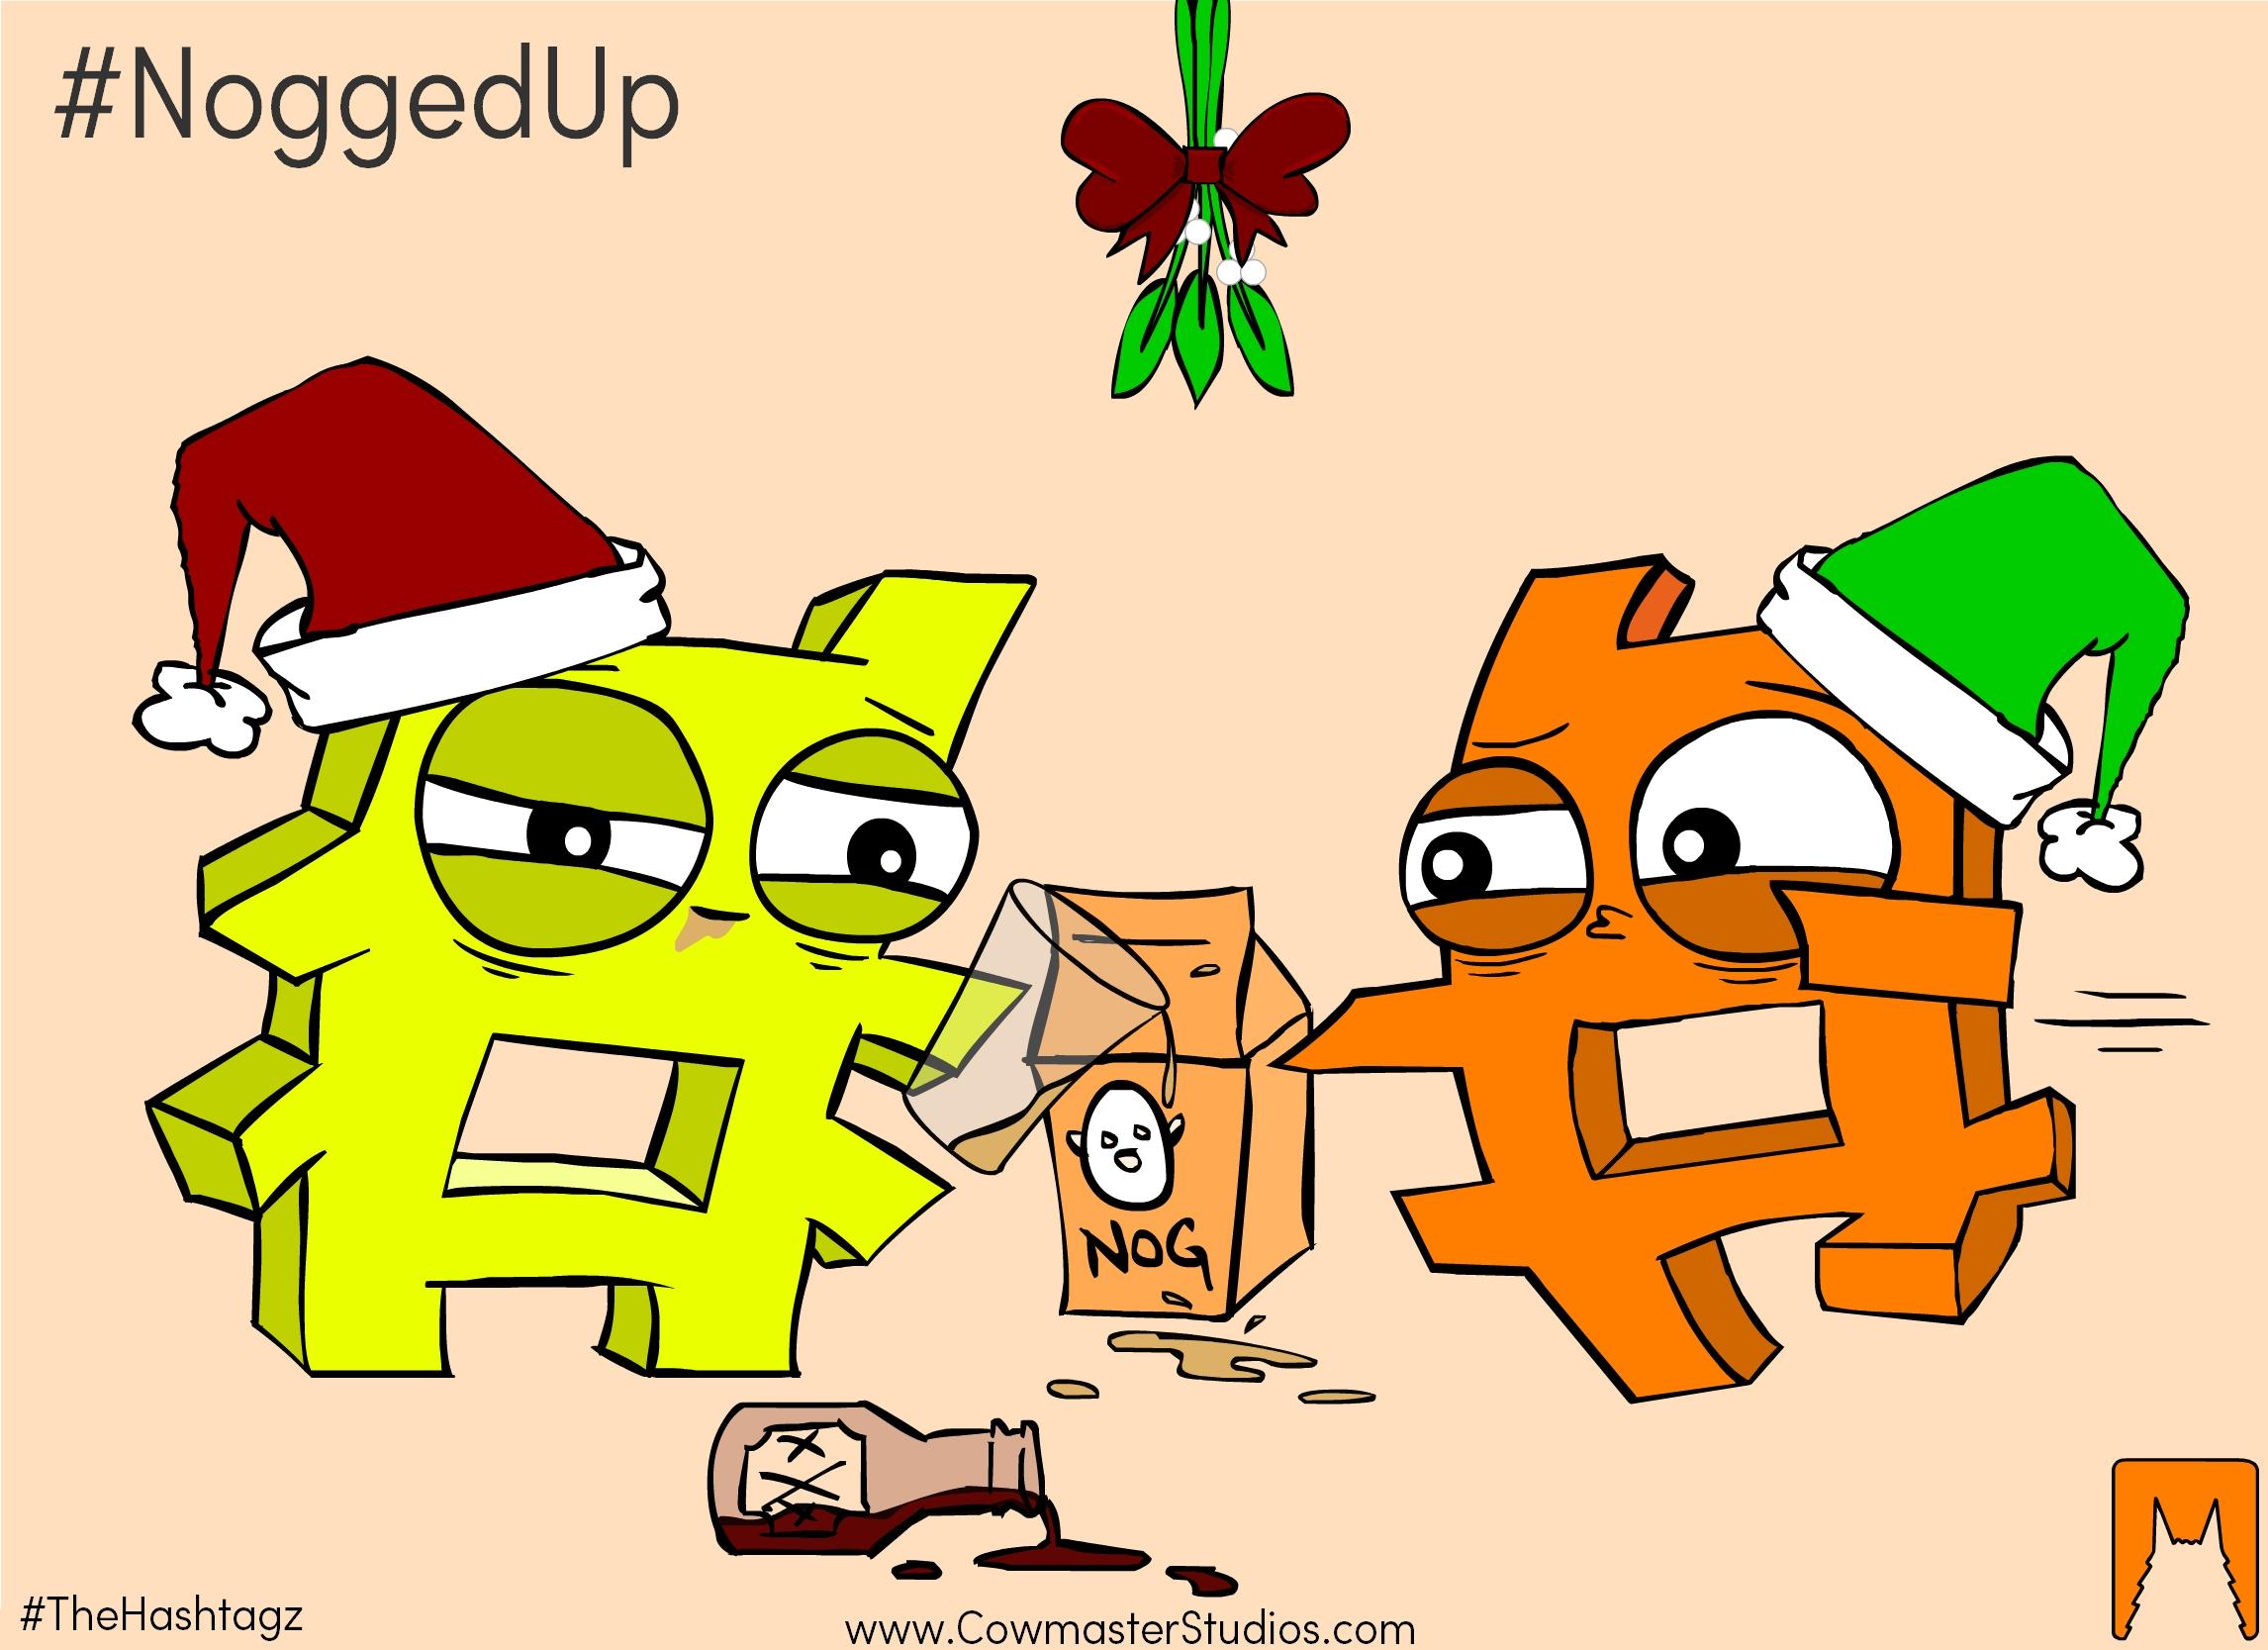 #NoggedUp